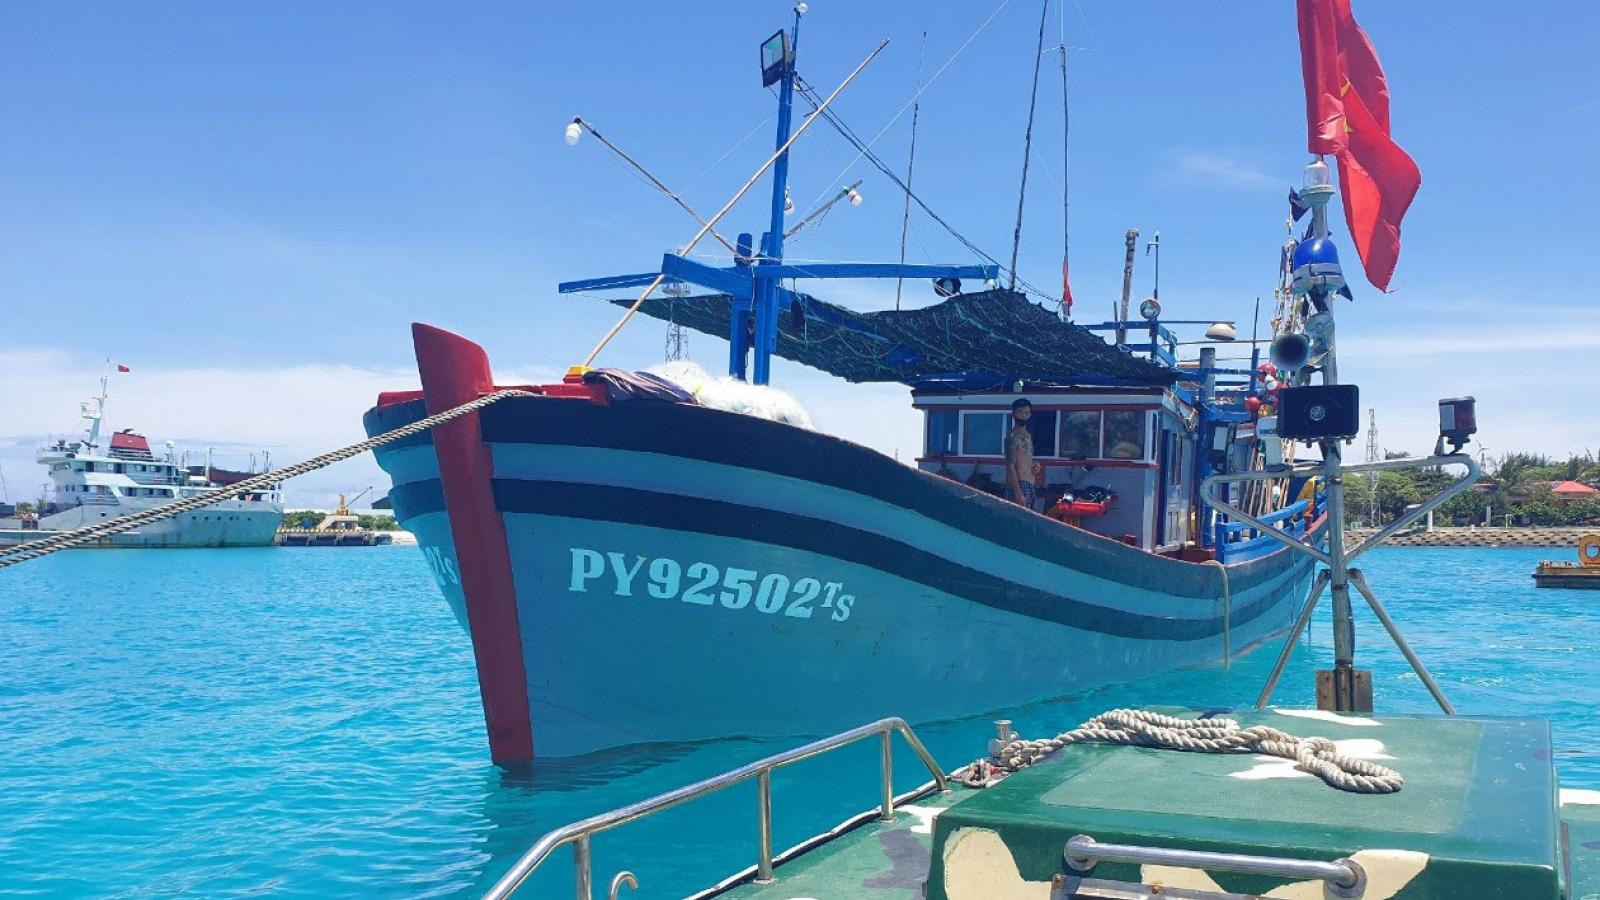 Bộ đội hải quân kịp thời sửa chữa tàu cá gặp nạn gần đảo Sinh Tồn